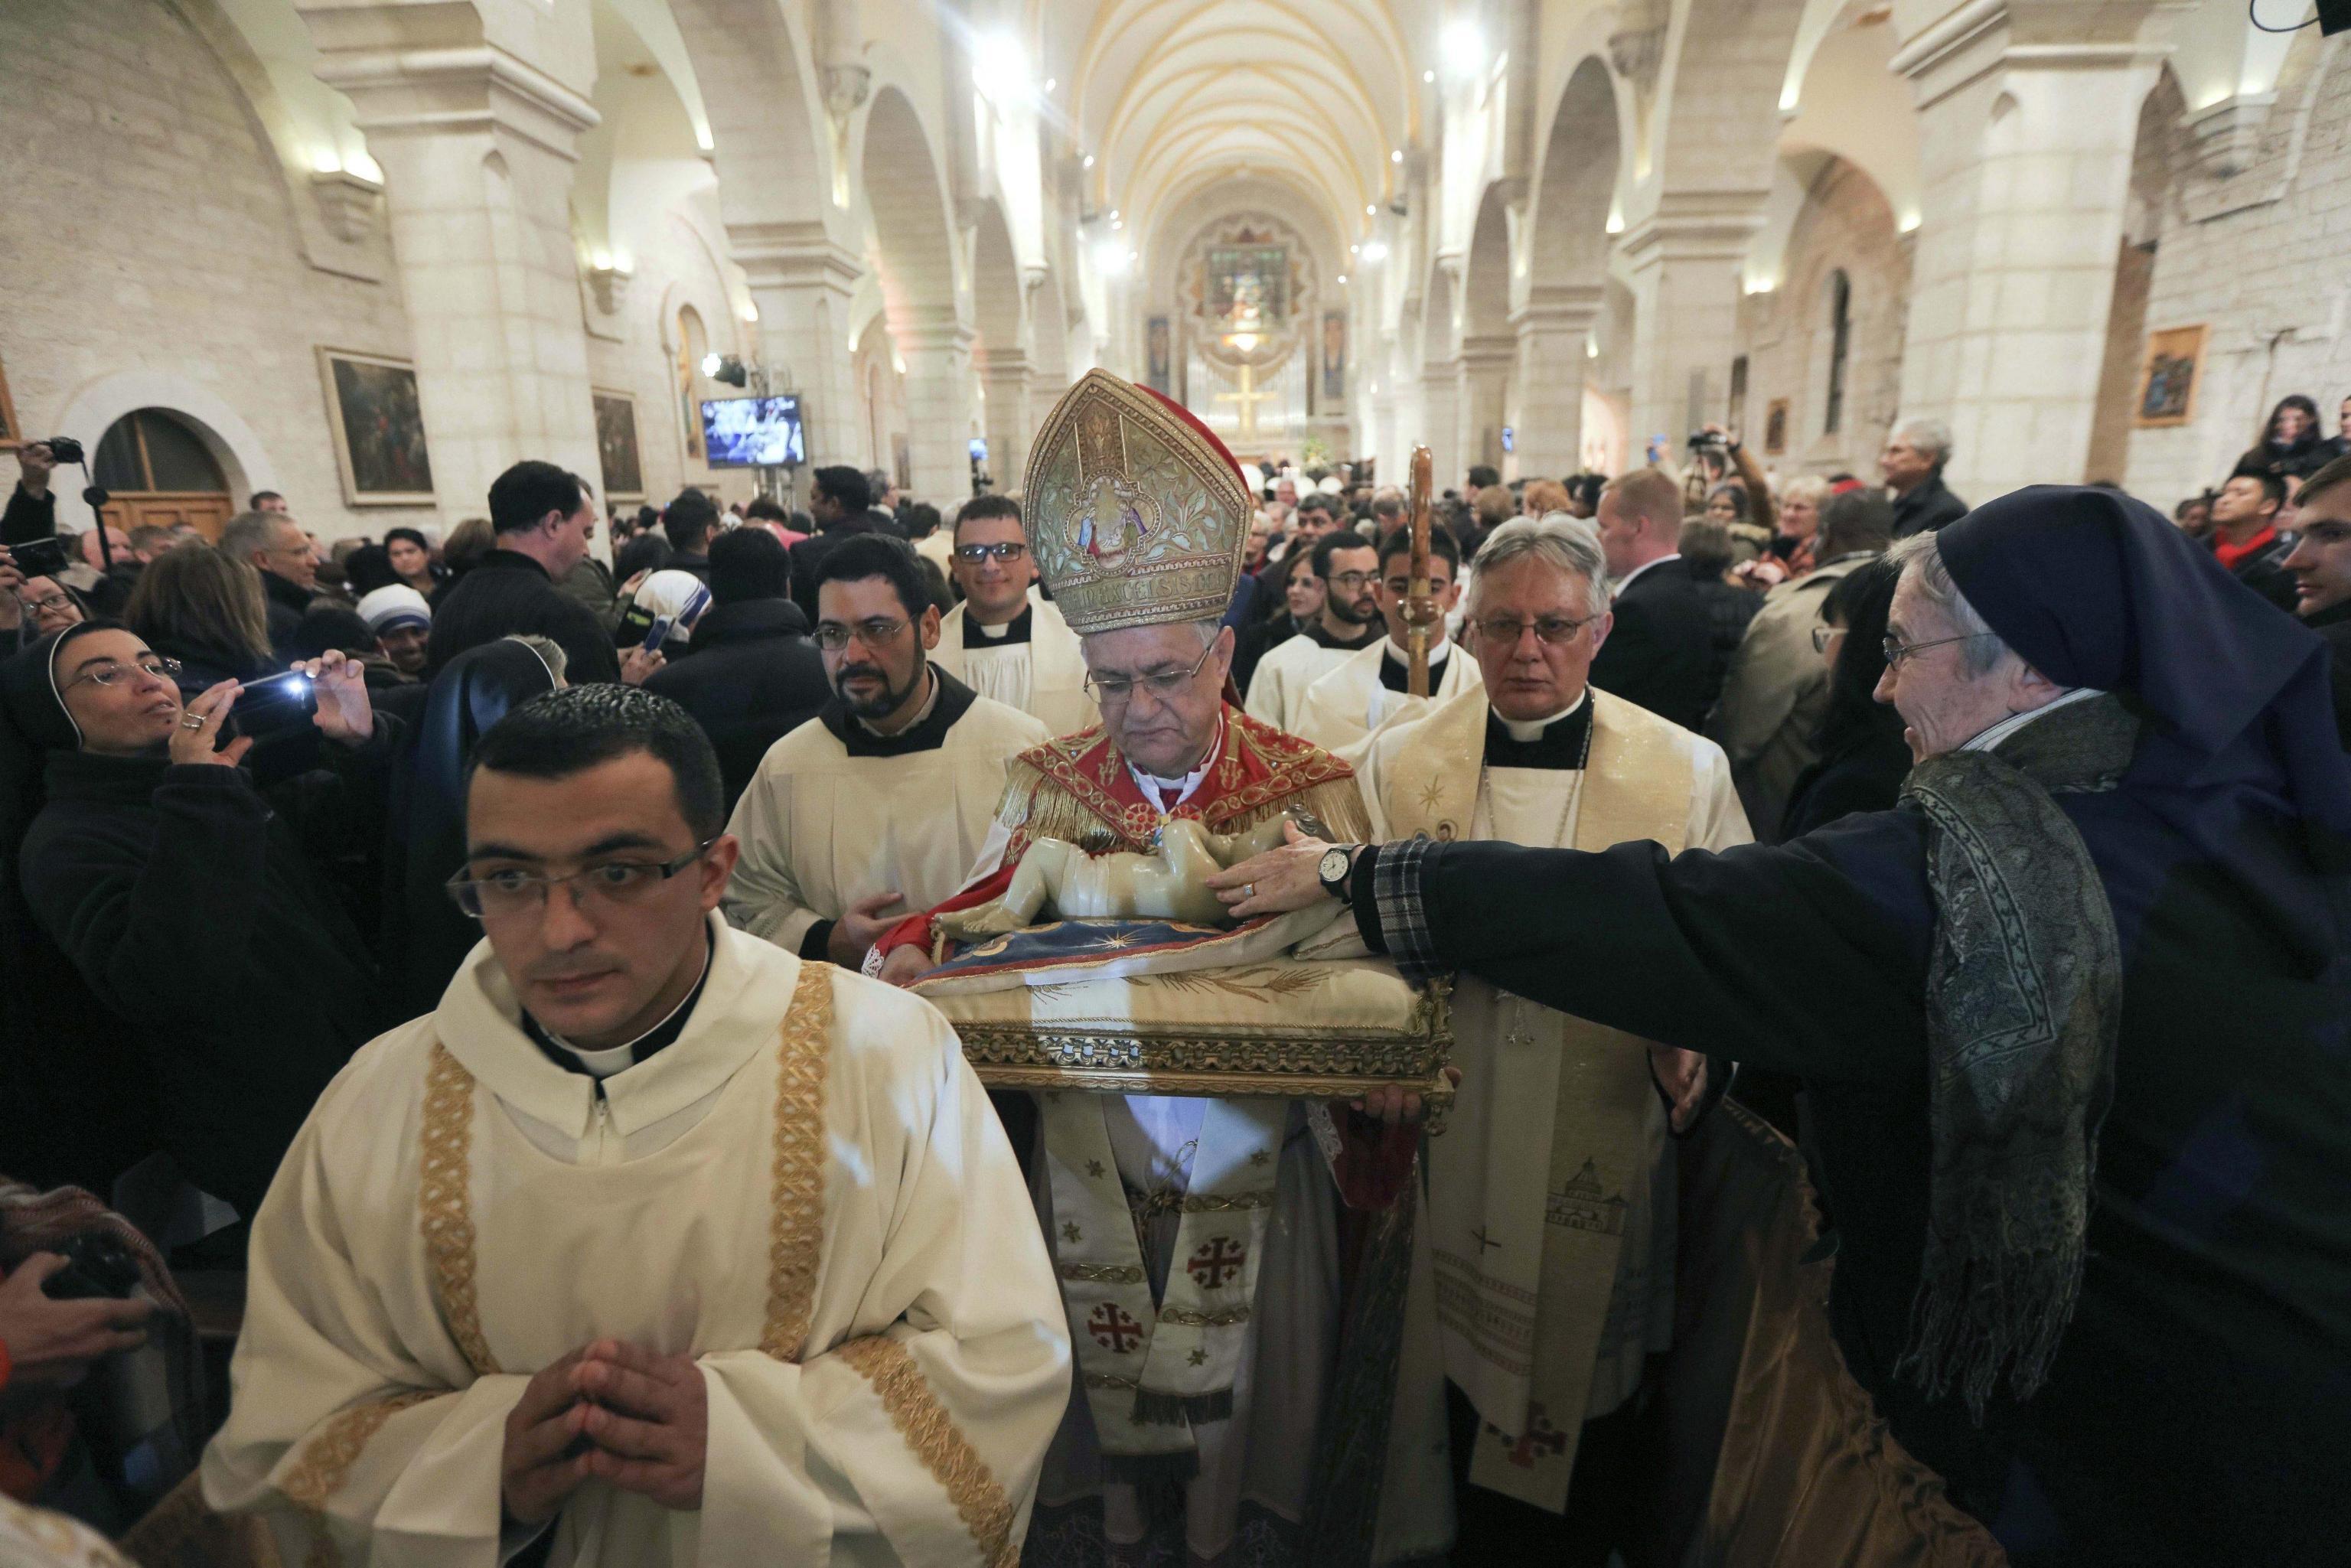 The Latin Patriarch of Jerusalem